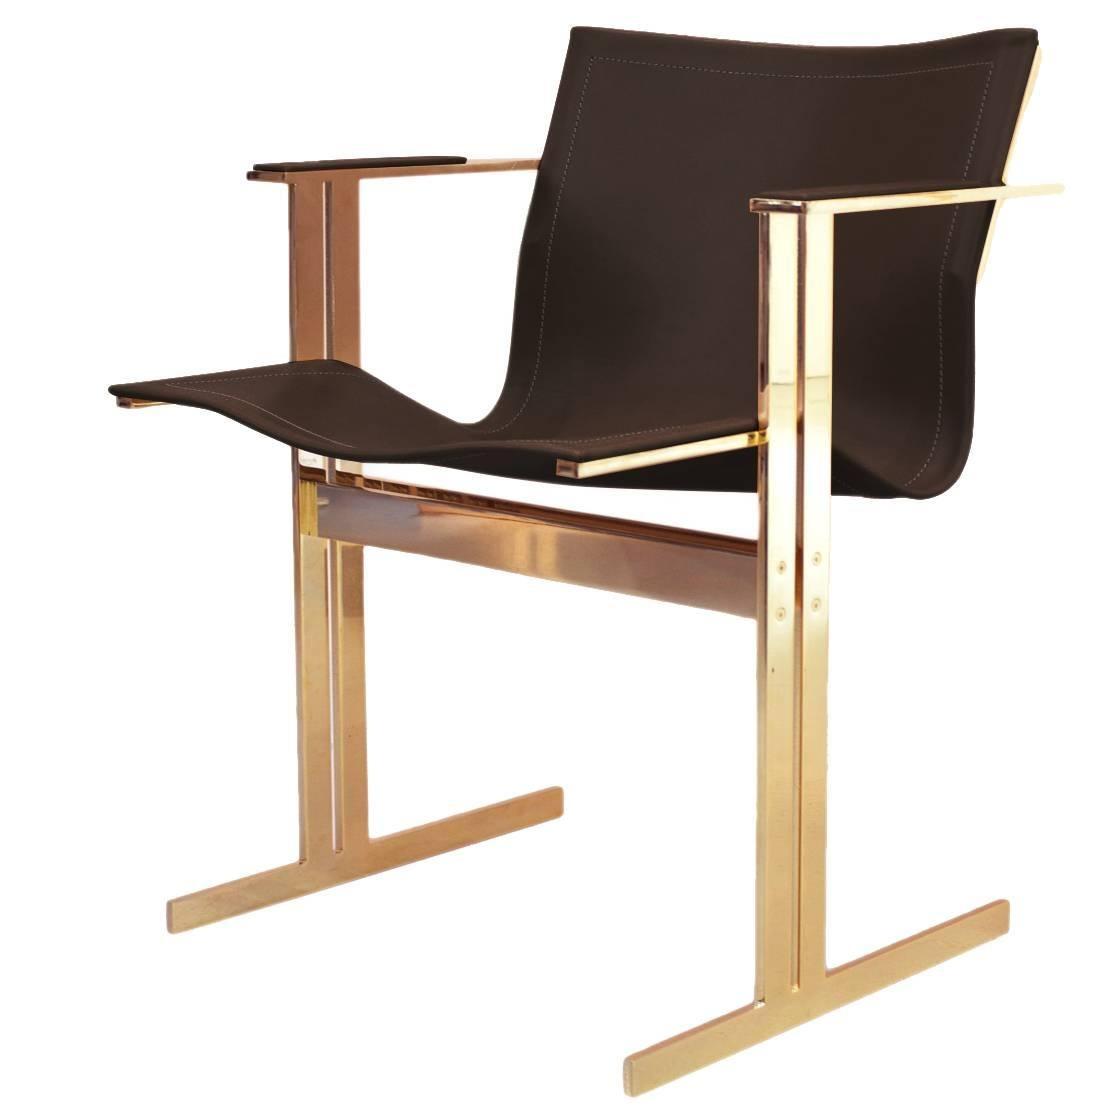 Bauhaus furniture